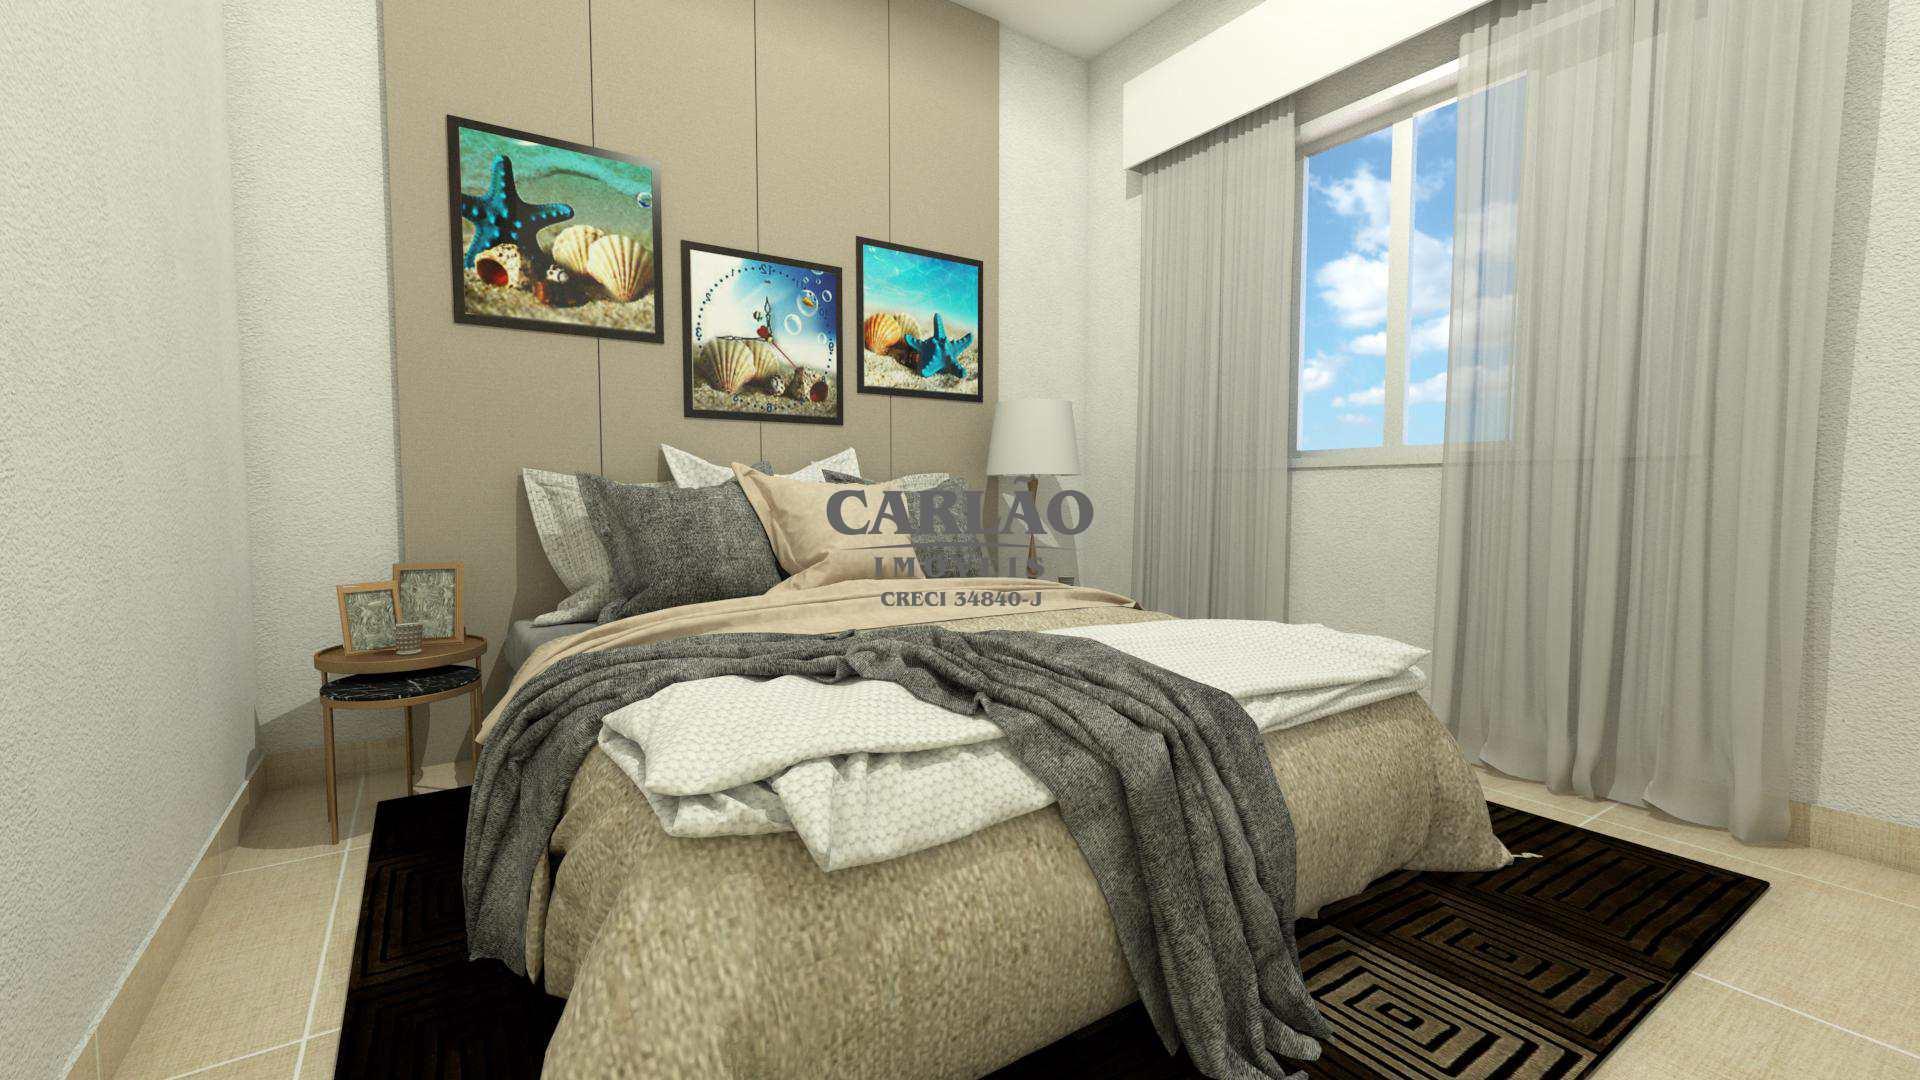 Sobrado de Condomínio com 2 dorms, Belas Artes, Itanhaém - R$ 245 mil, Cod: 352259